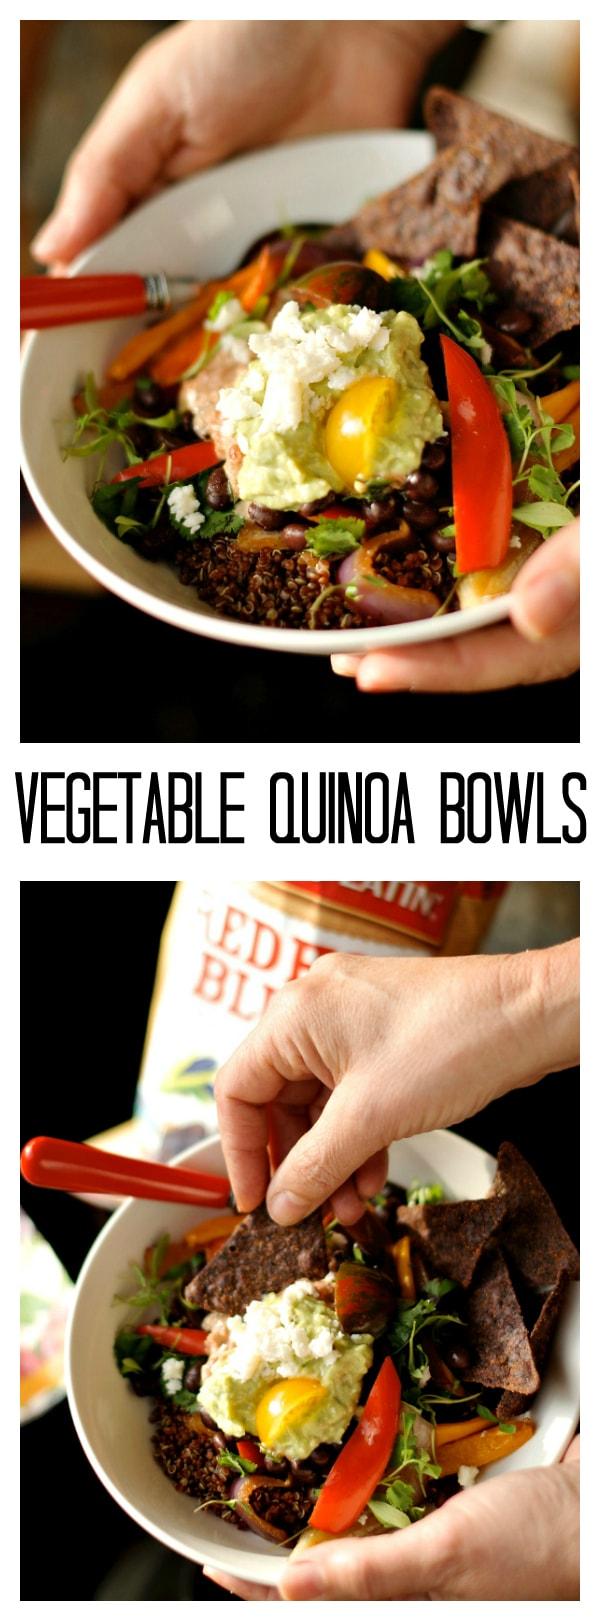 Vegetable Quinoa Bowls